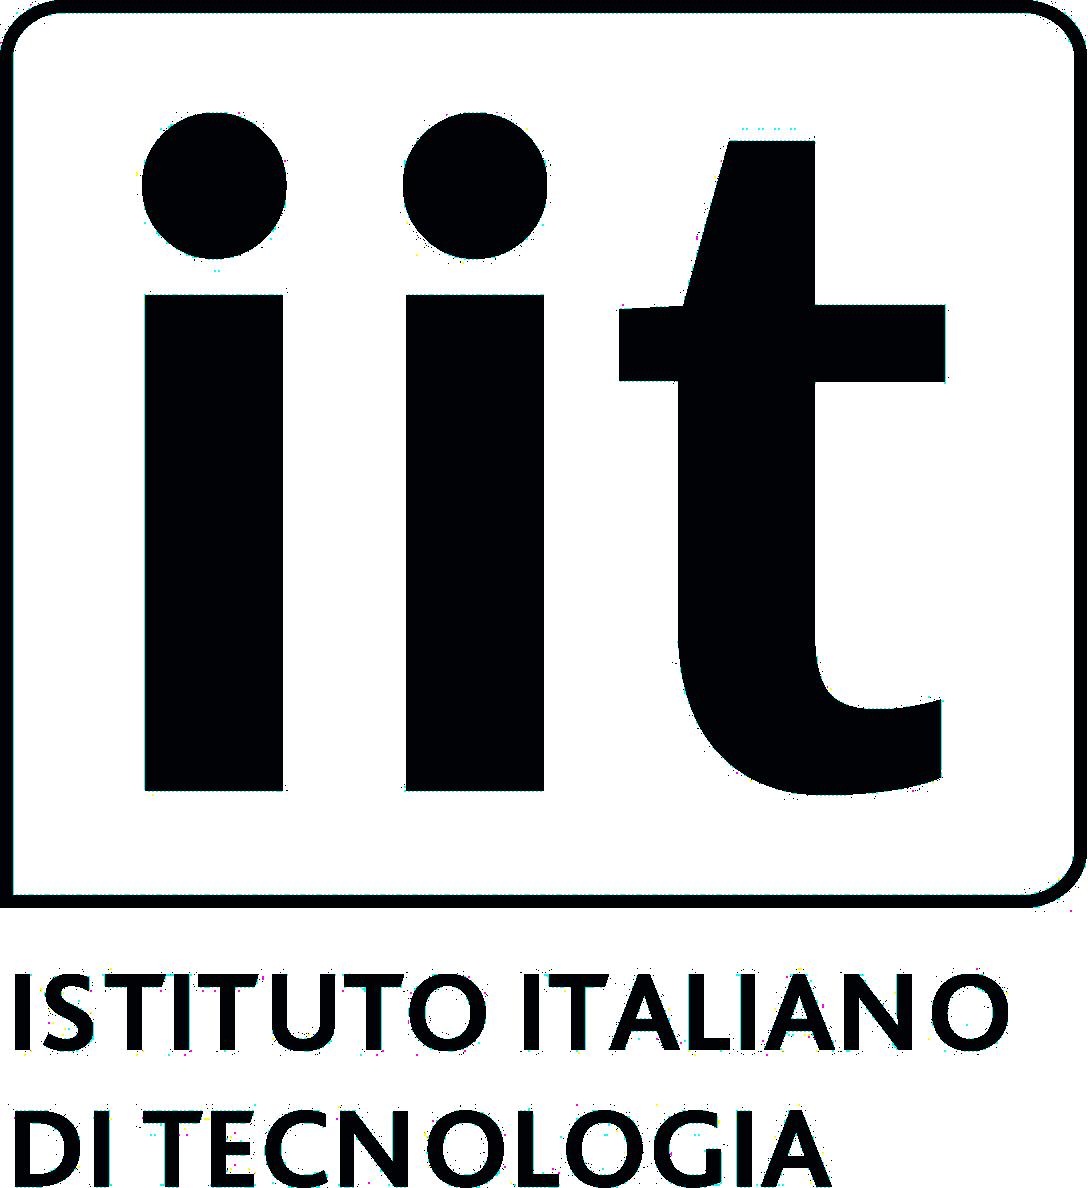 Giovedì 4 ottobre si inaugura il il Center for Sustainable Future Technologies (CSFT) all'interno dell'Environment Park di Torino